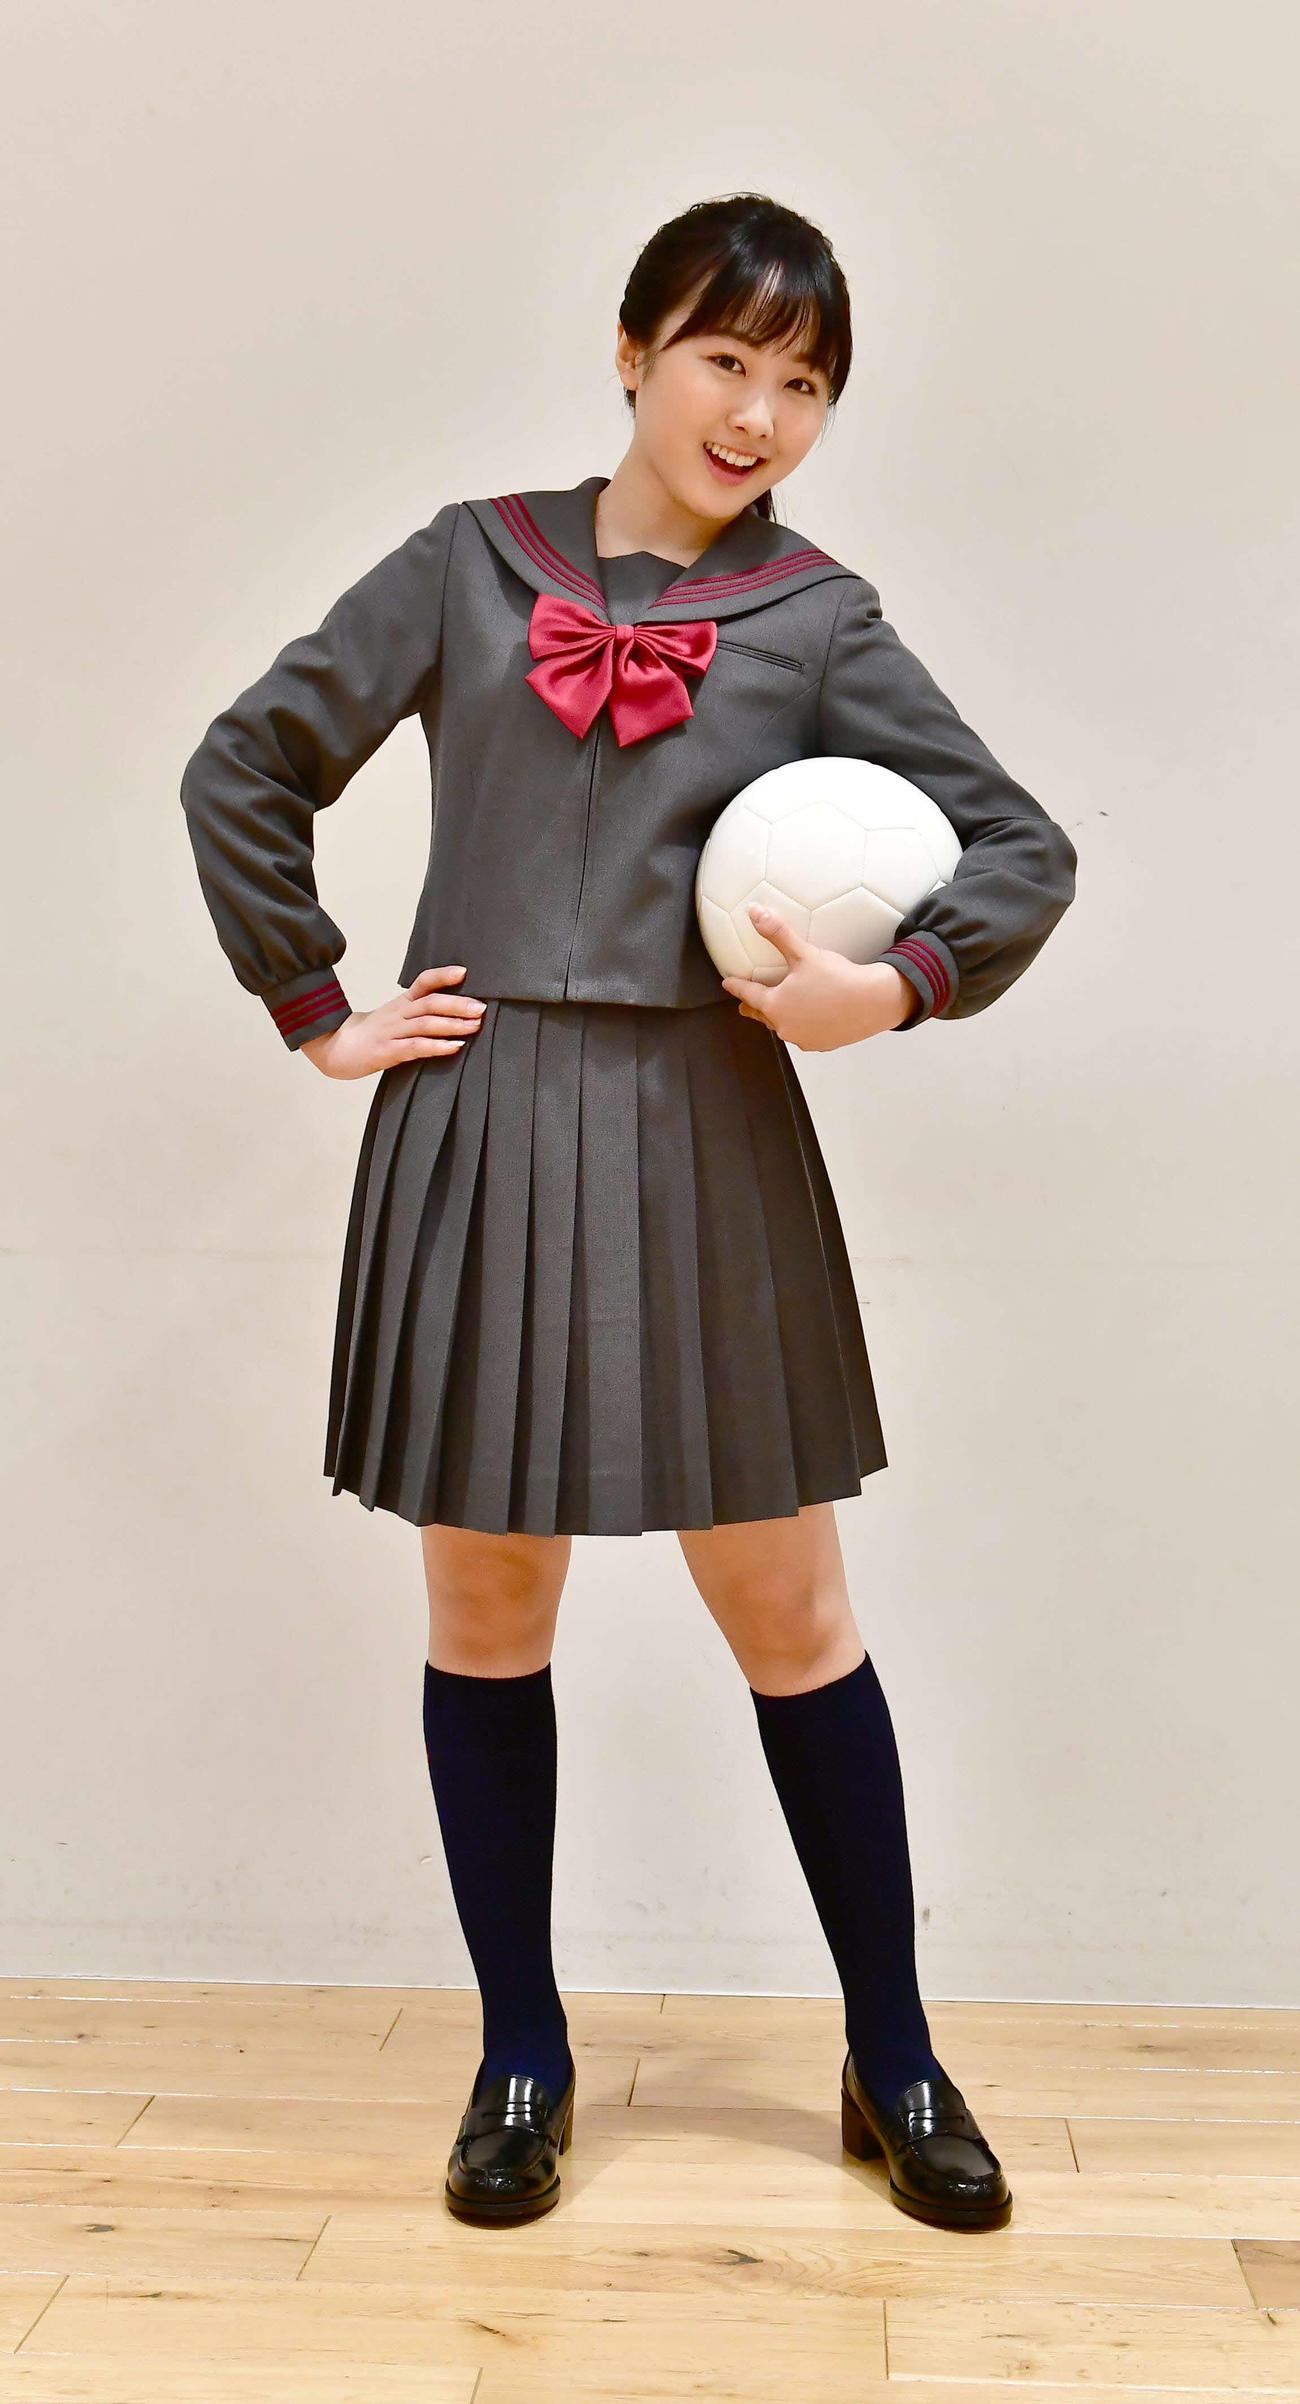 第99回全国高校サッカー選手権大会の応援マネジャーに就任した本田望結